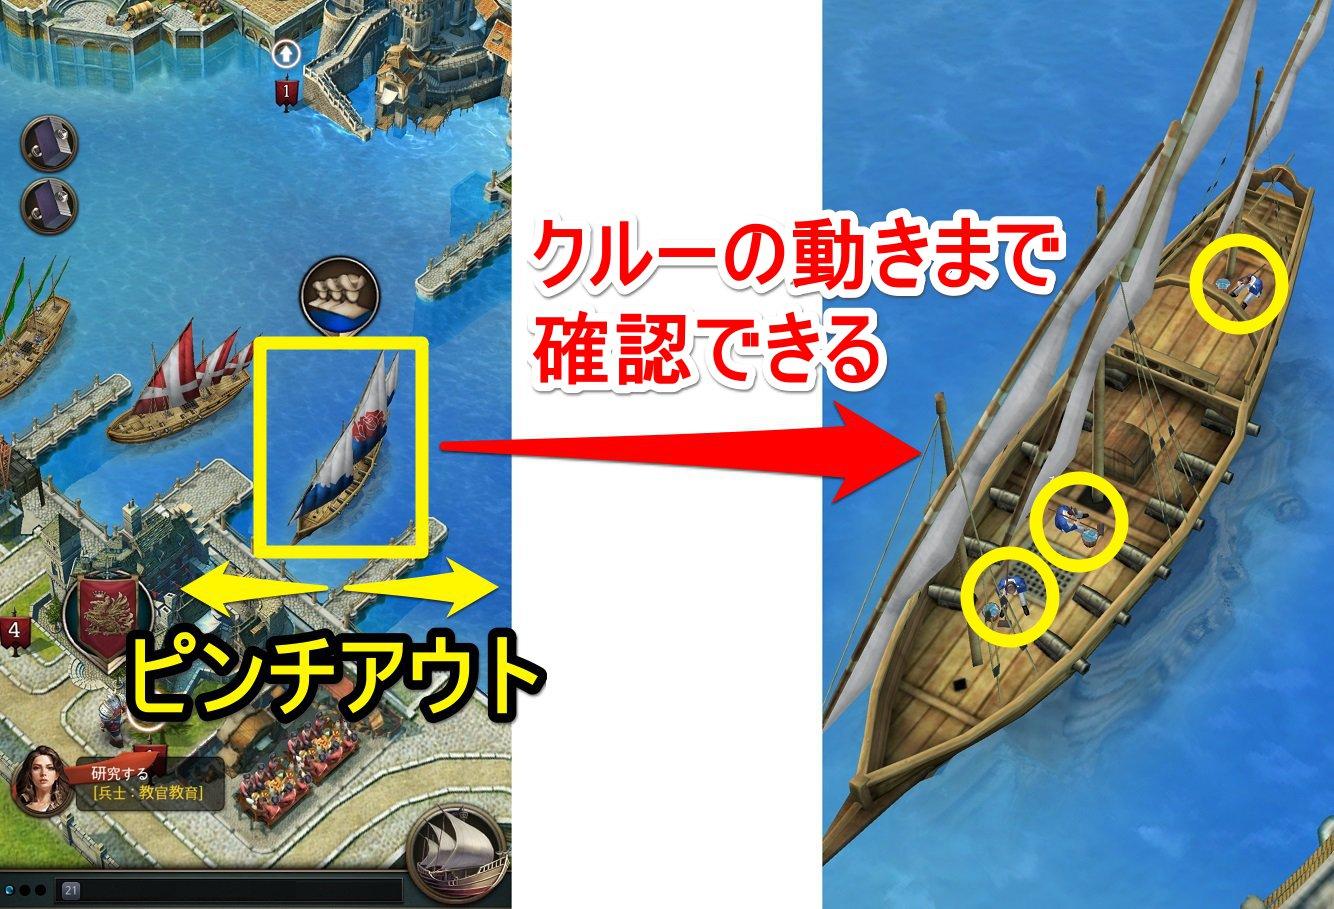 『オーシャン&エンパイア』をCBTで先行プレイ! カスタムした艦船で海上の覇者を目指せ【ゲームプレビュー】